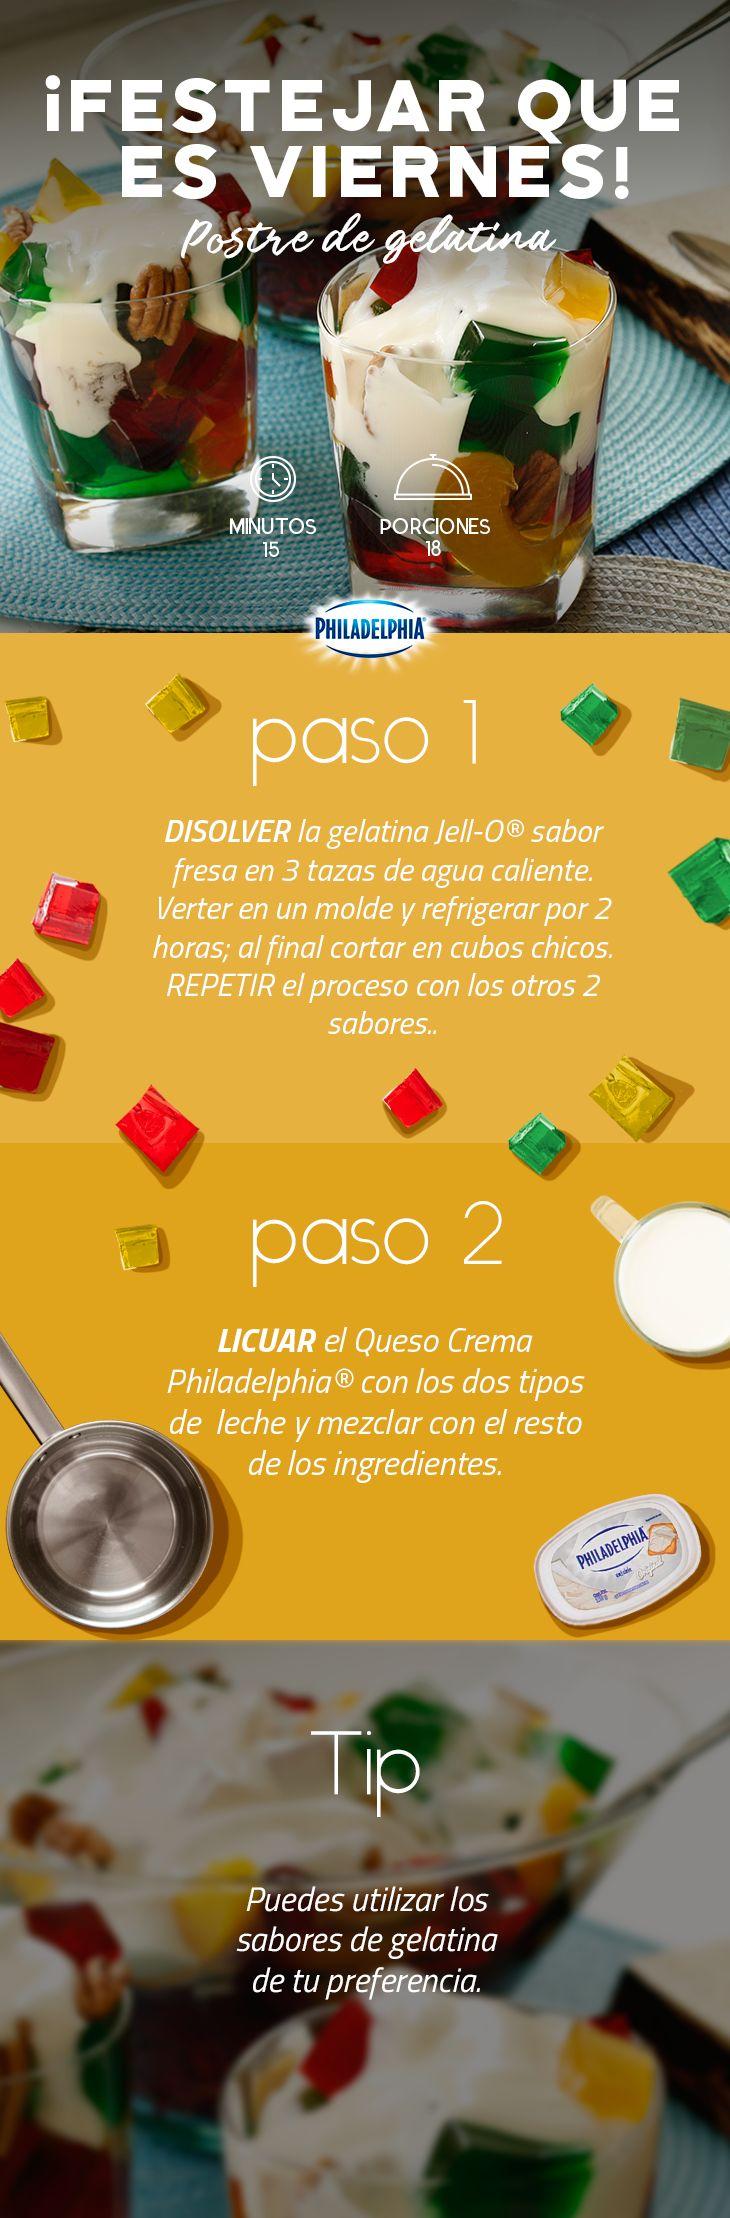 Celebra con tu peque este fin de semana y sorpréndelo con este rico postre. #recetas #receta #quesophiladelphia #philadelphia #crema #quesocrema #queso #postre #niños #gelatina #dulces